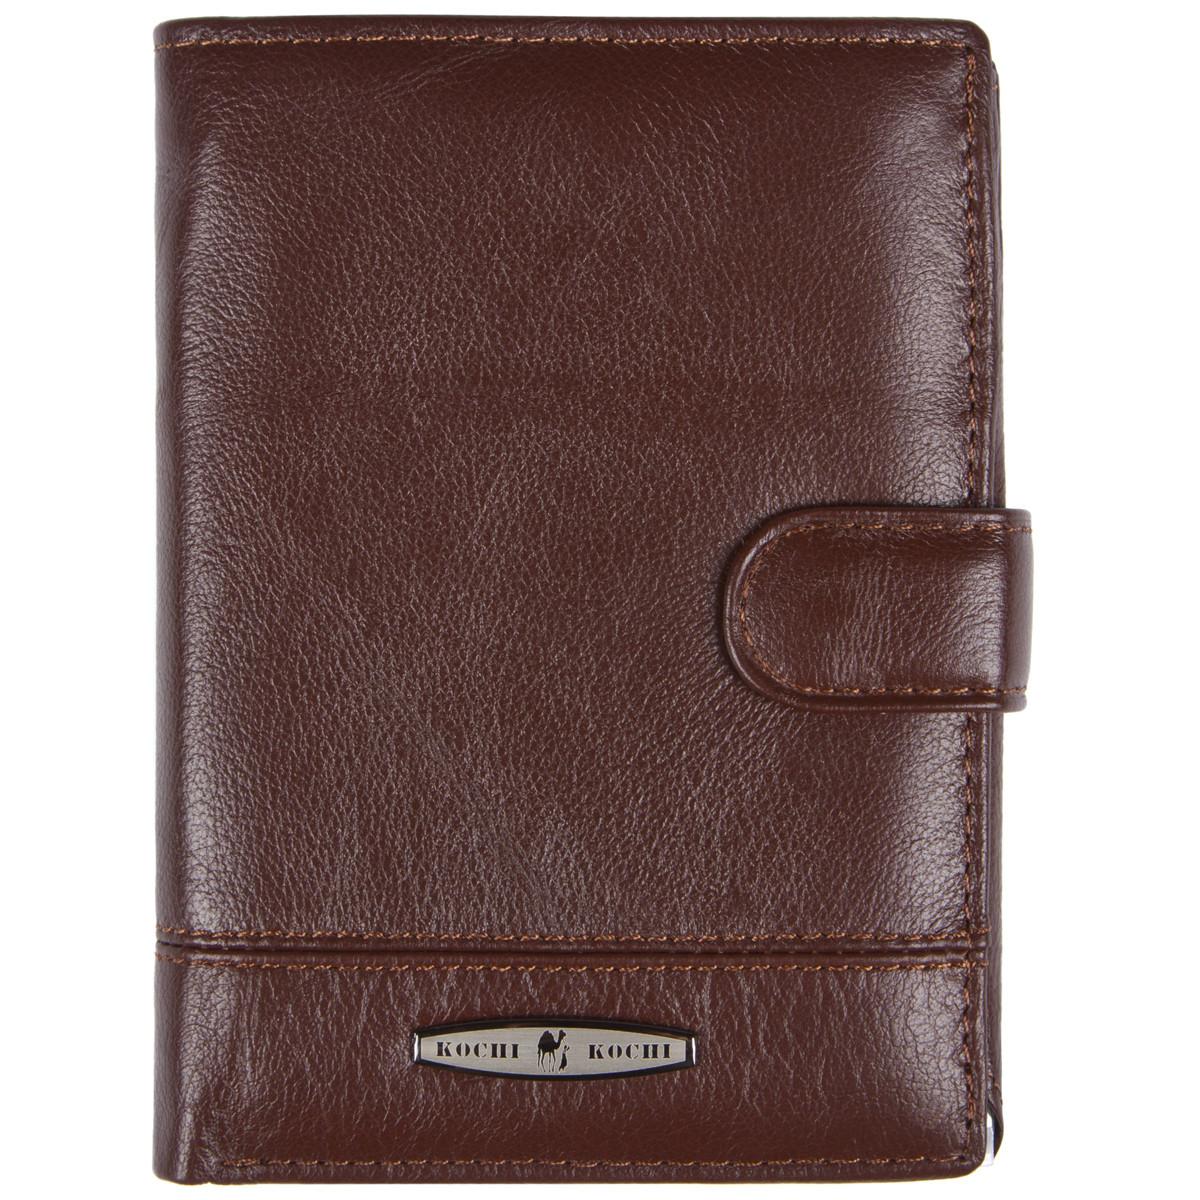 Бумажник мужской кожаный KOCHI 100х140х25 застёжка кнопка коричневый м К227Д-12Н09кор